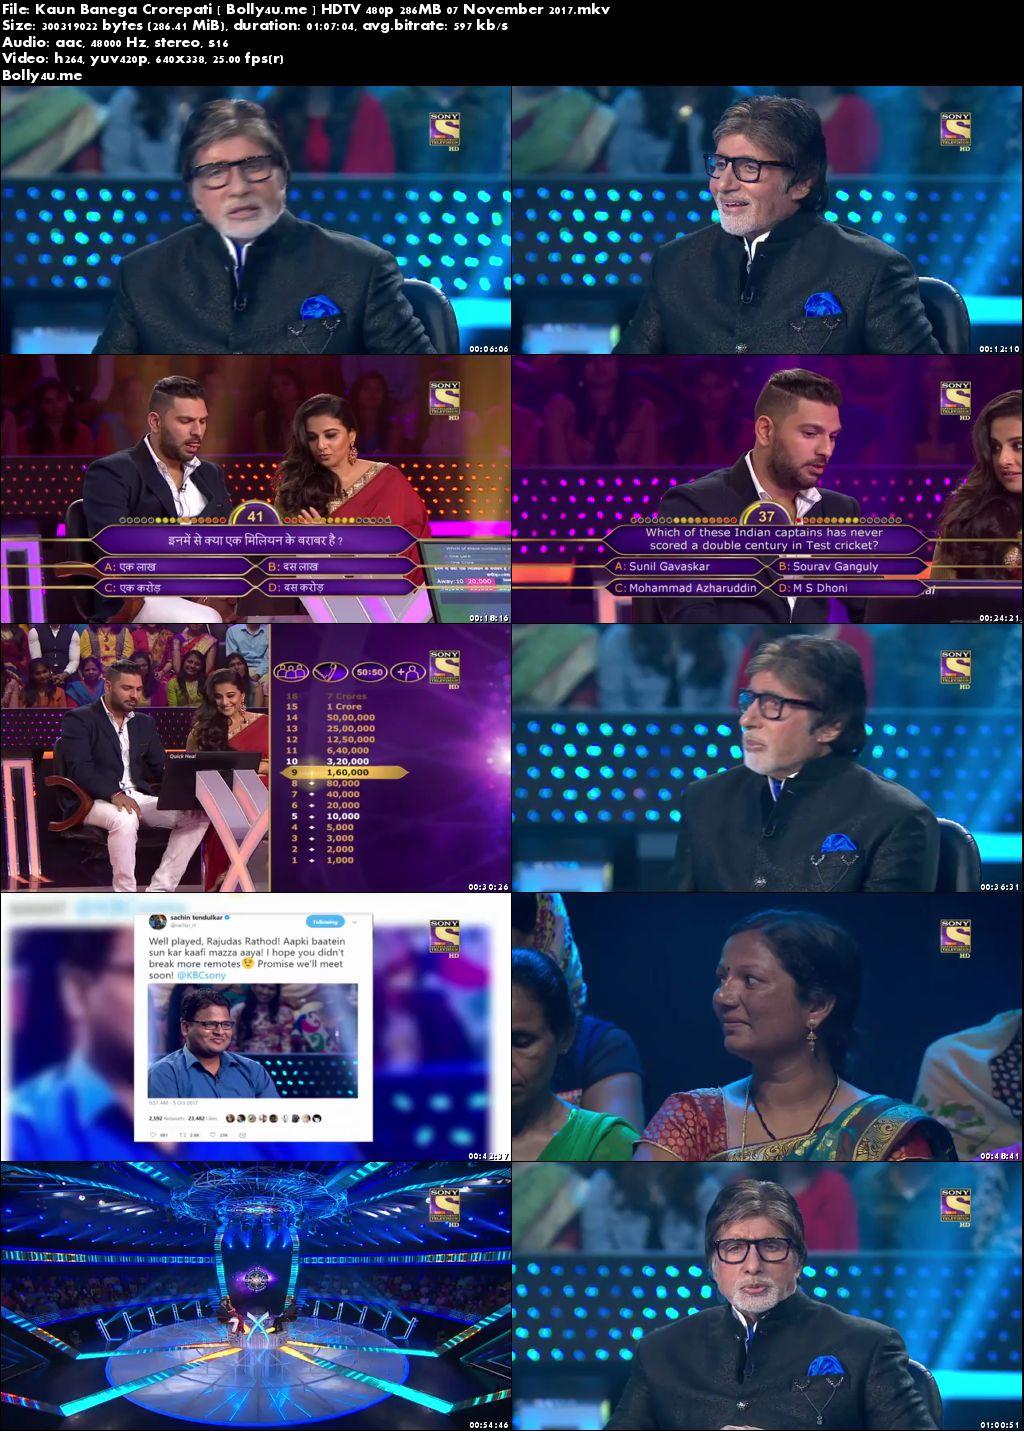 Kaun Banega Crorepati HDTV 480p 250MB 07 November 2017 Download